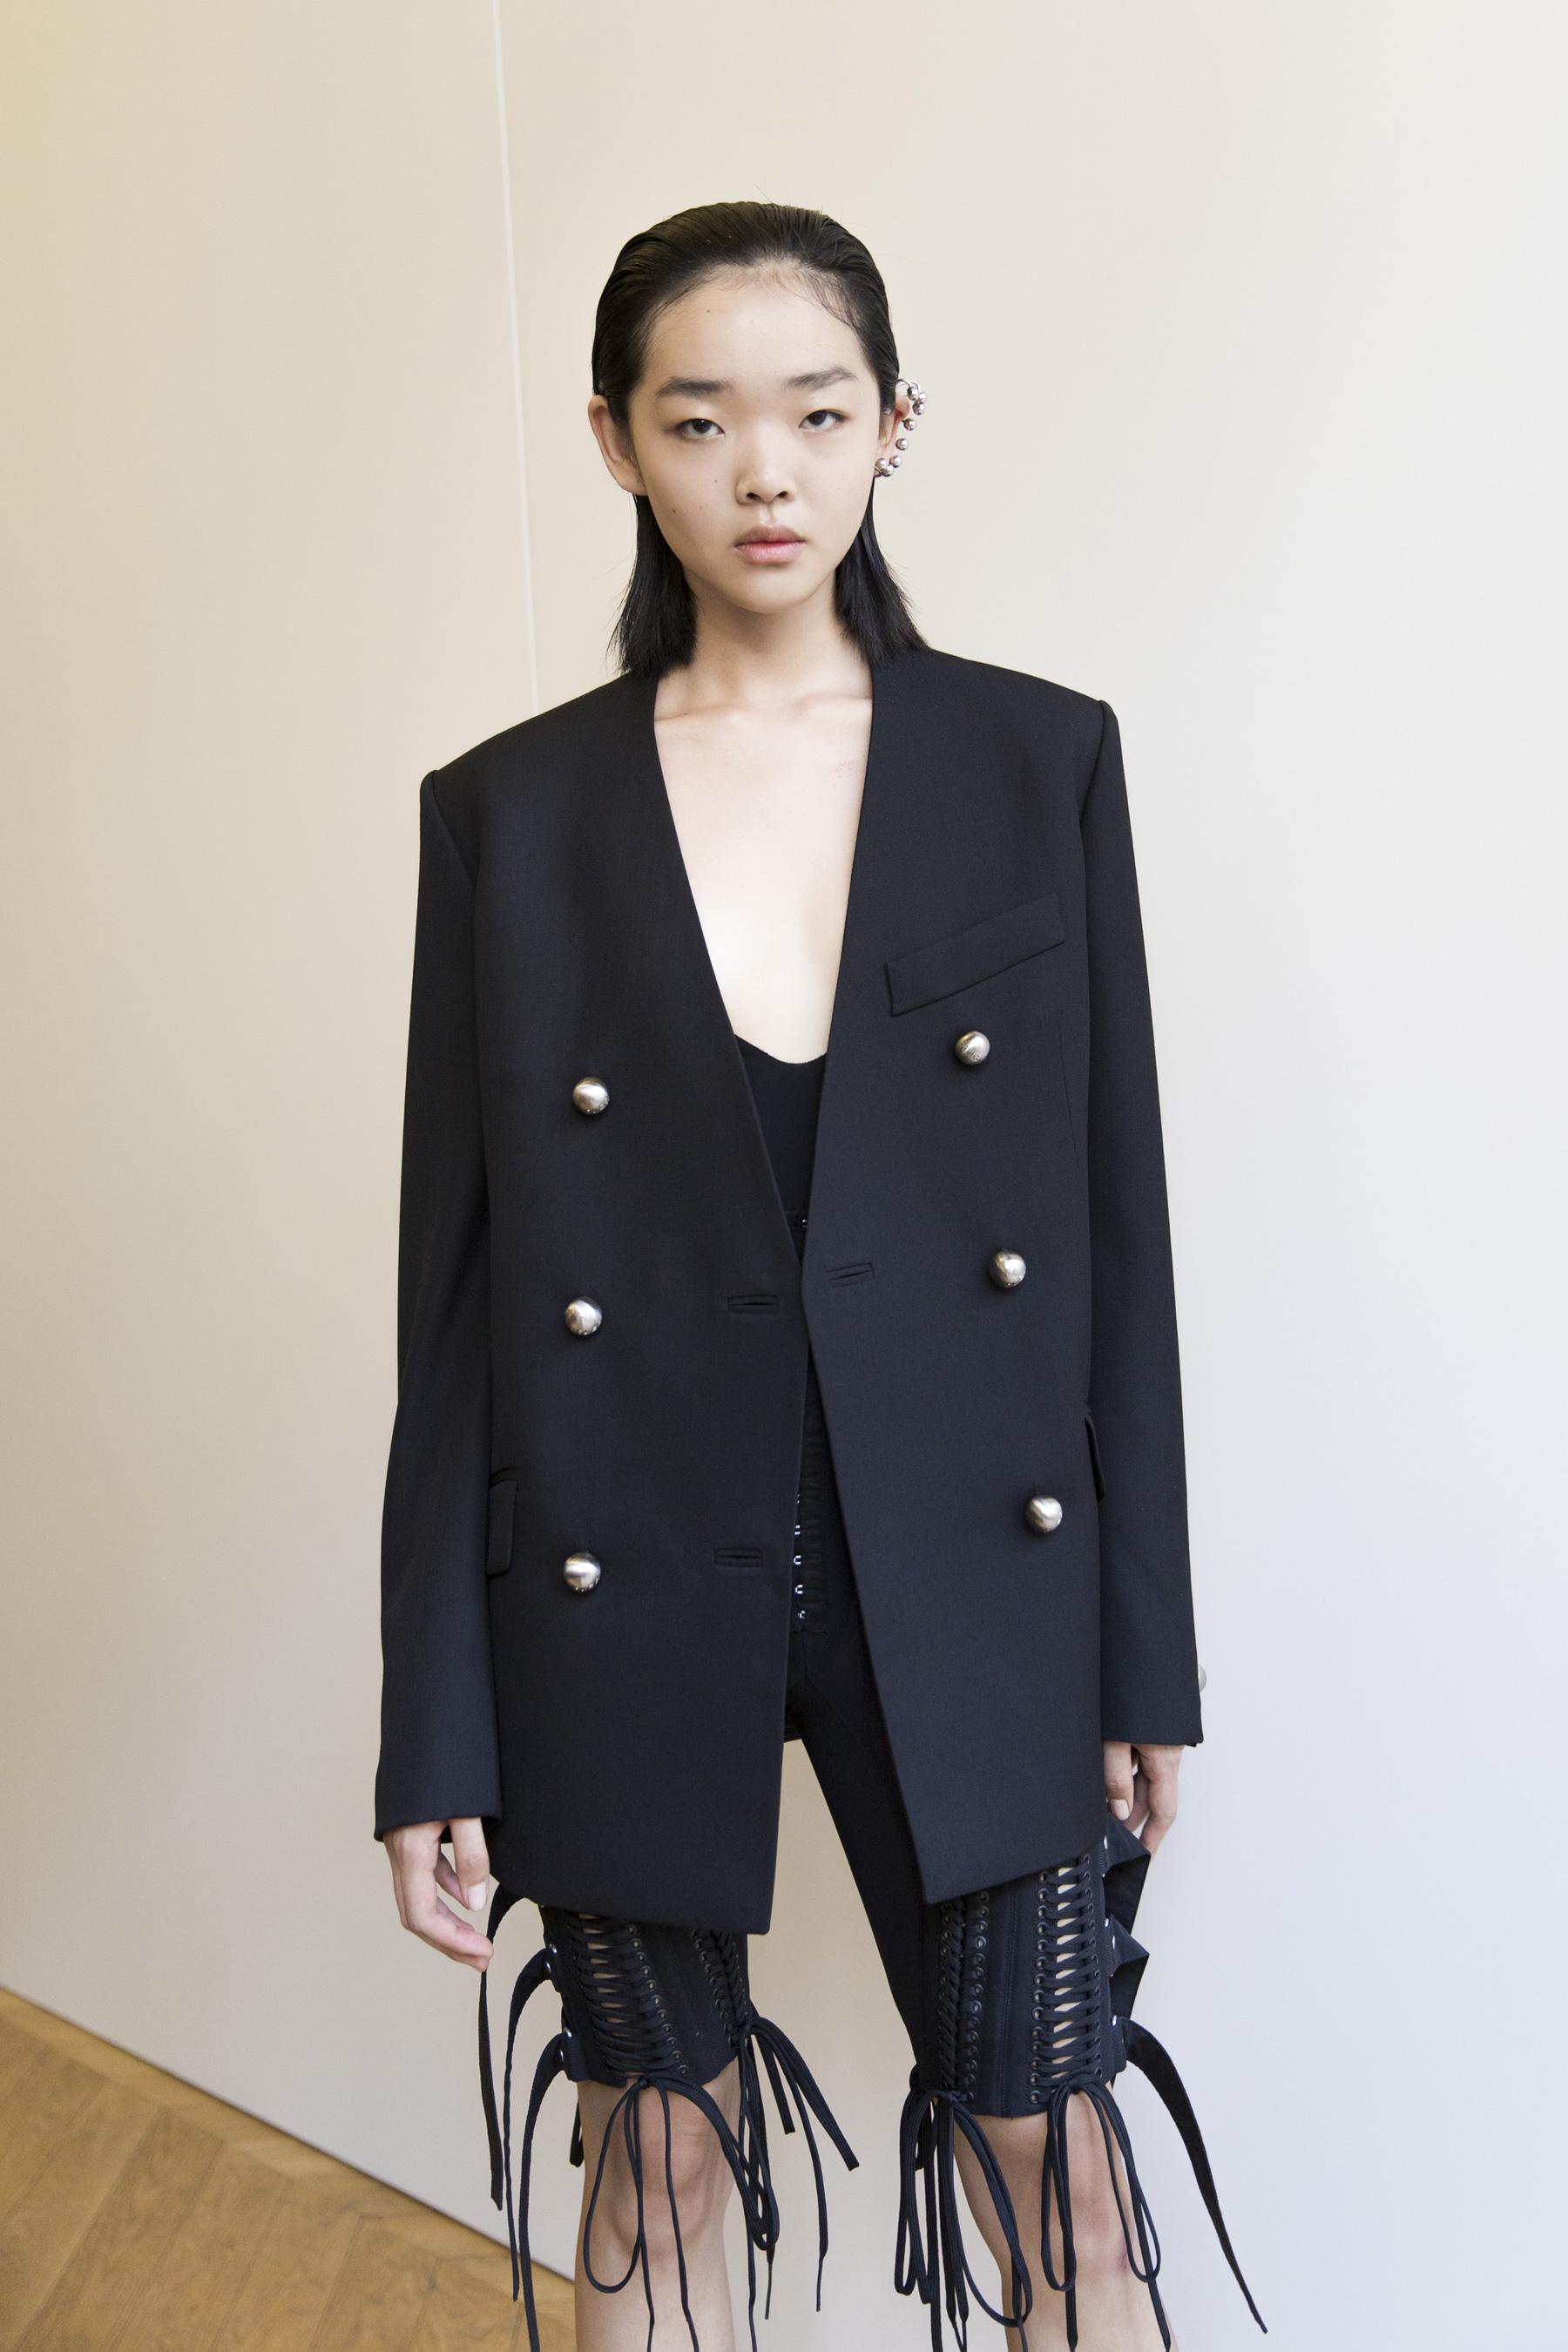 Mugler Backstage Oversized Blazer in Black Cut Out Back Bodysuit Tie up Shorts Spring 19